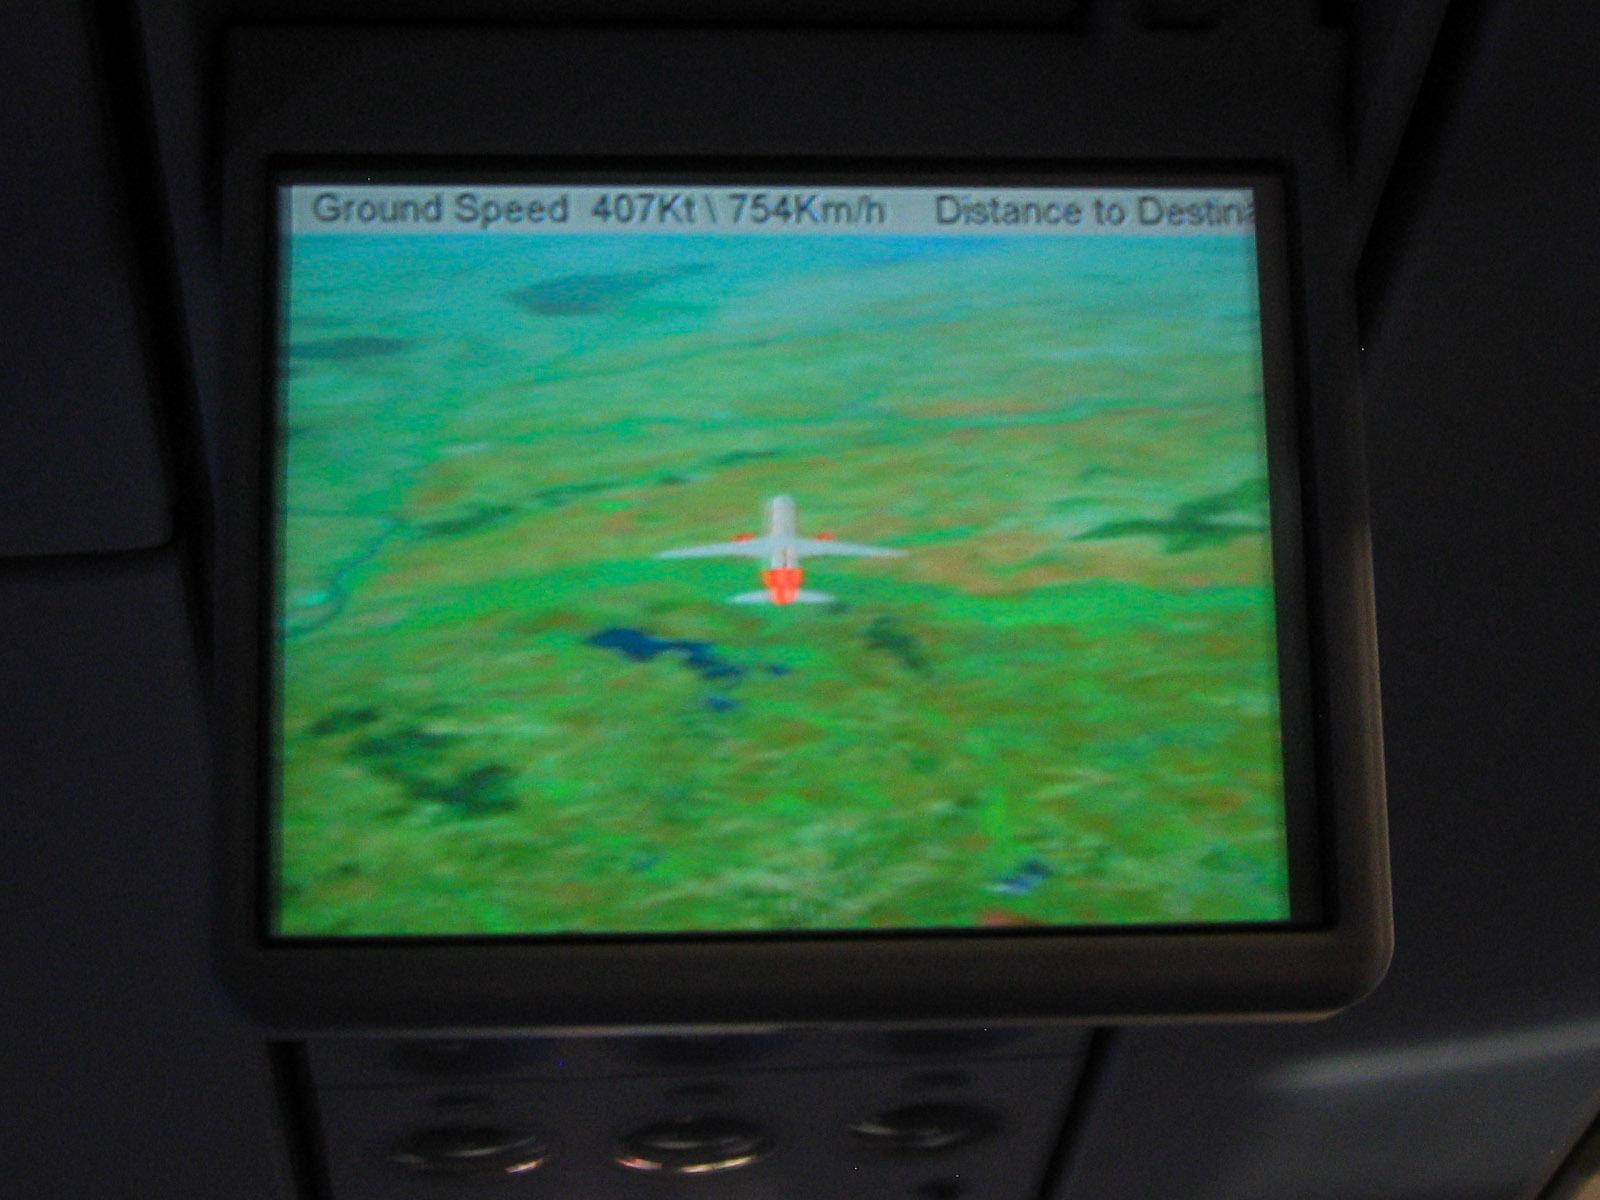 Онлайн карта полета Москва-Вена